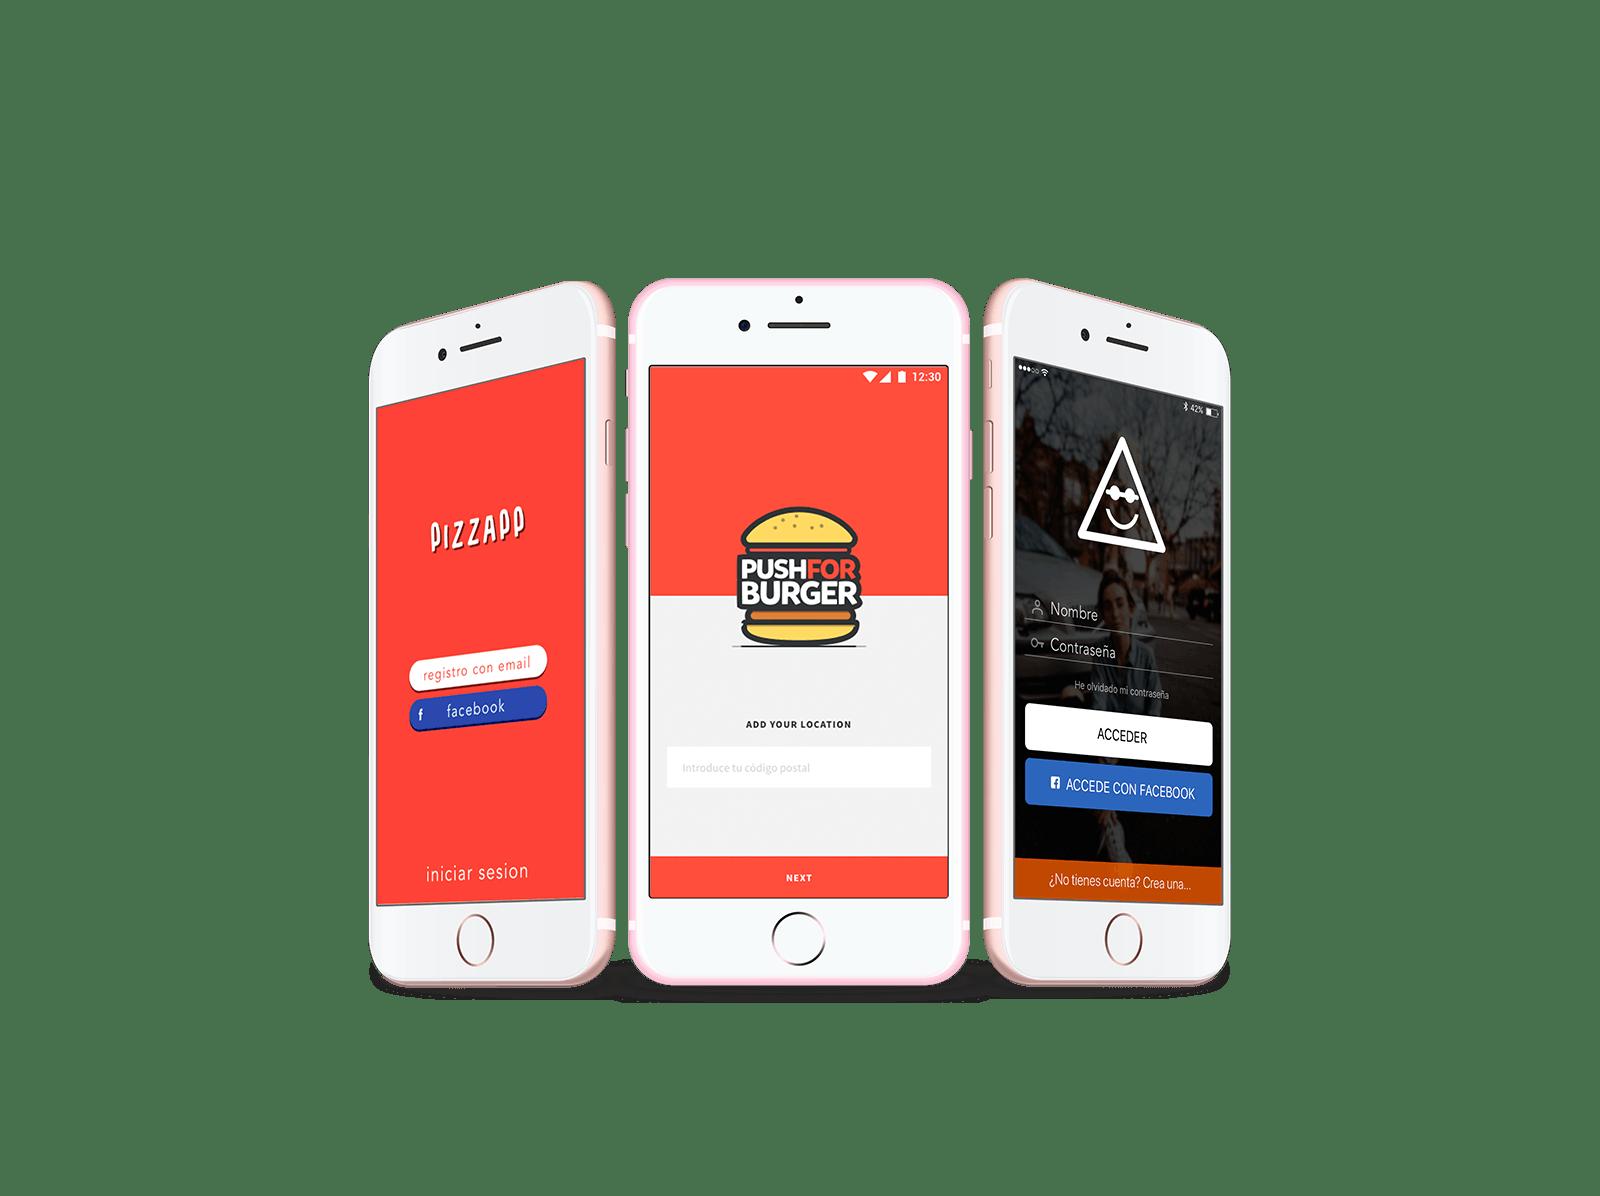 desarrollo apps madrid